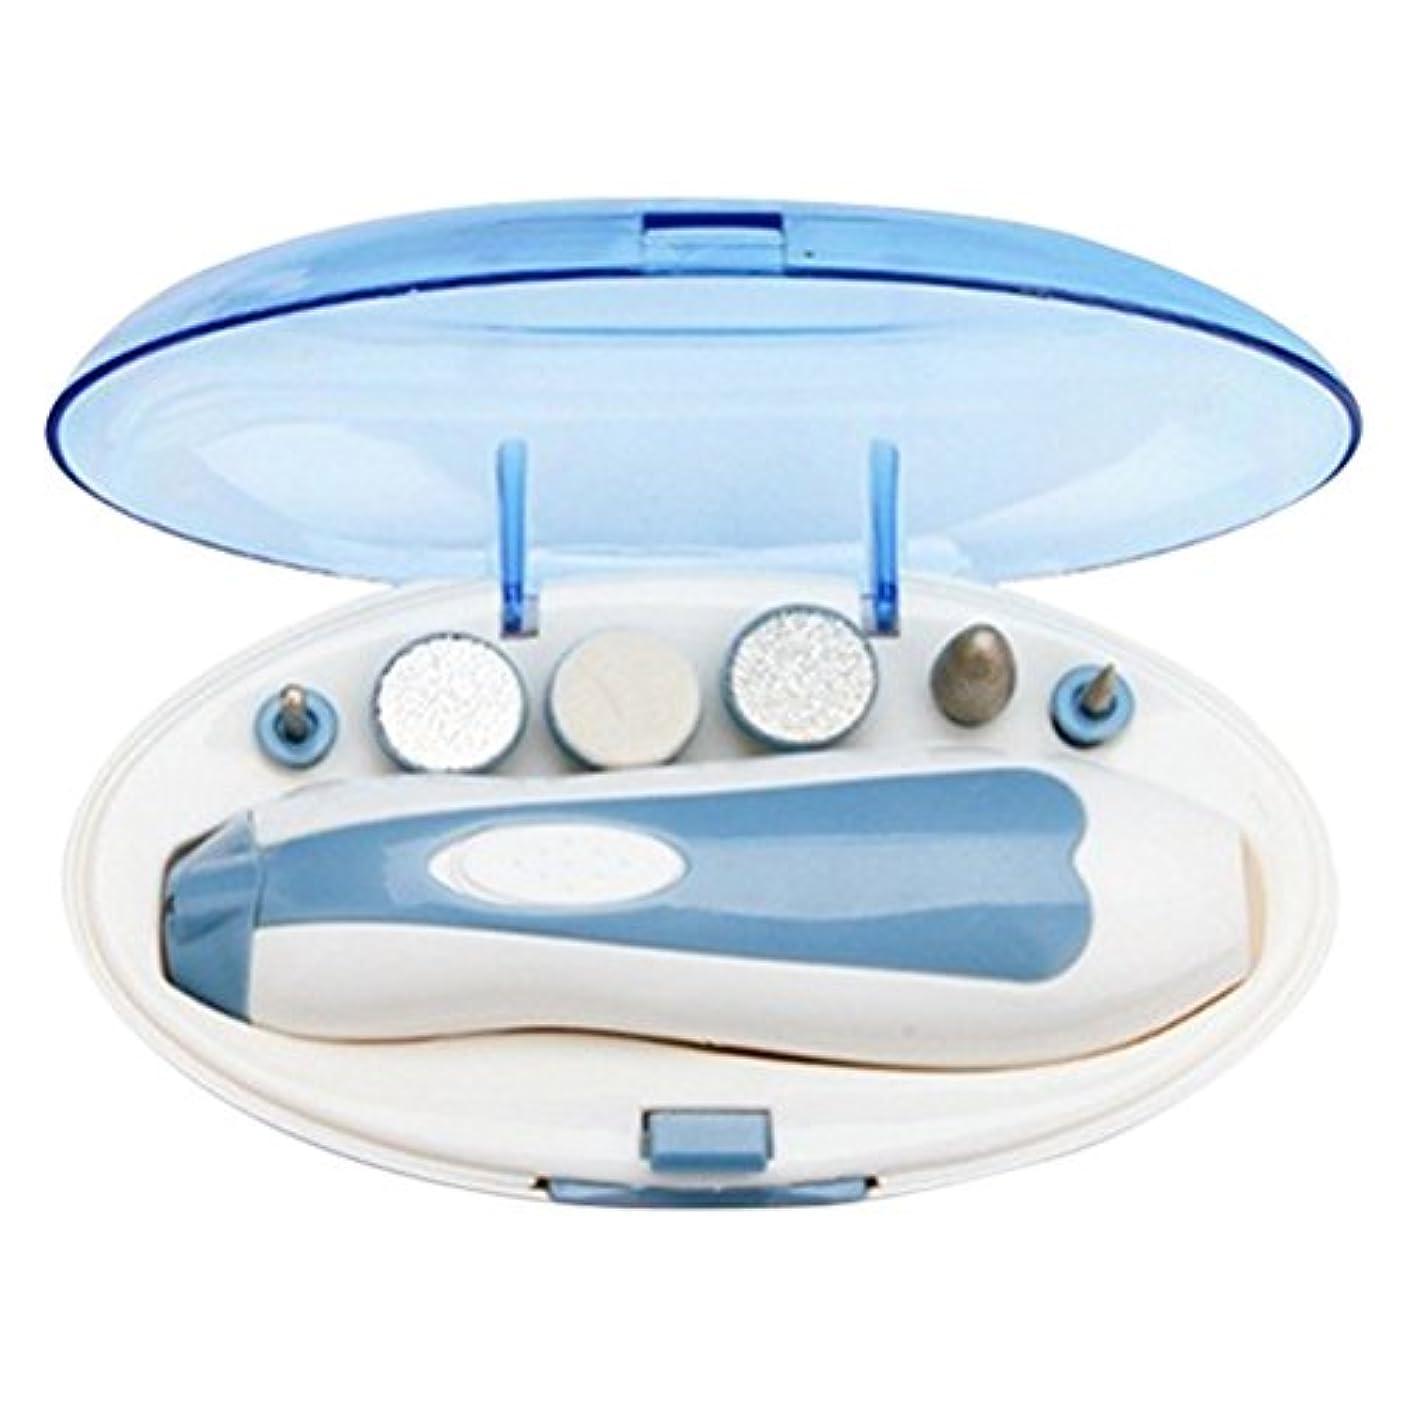 歩道絶対に欠席電動式ネイルケア ネイルマシン ネイルマシーン電動爪磨き 電池式 LEDライト搭載 アタッチメント6種類付き 甘皮 角質除去  持ち運び便利 ブルー ケース付